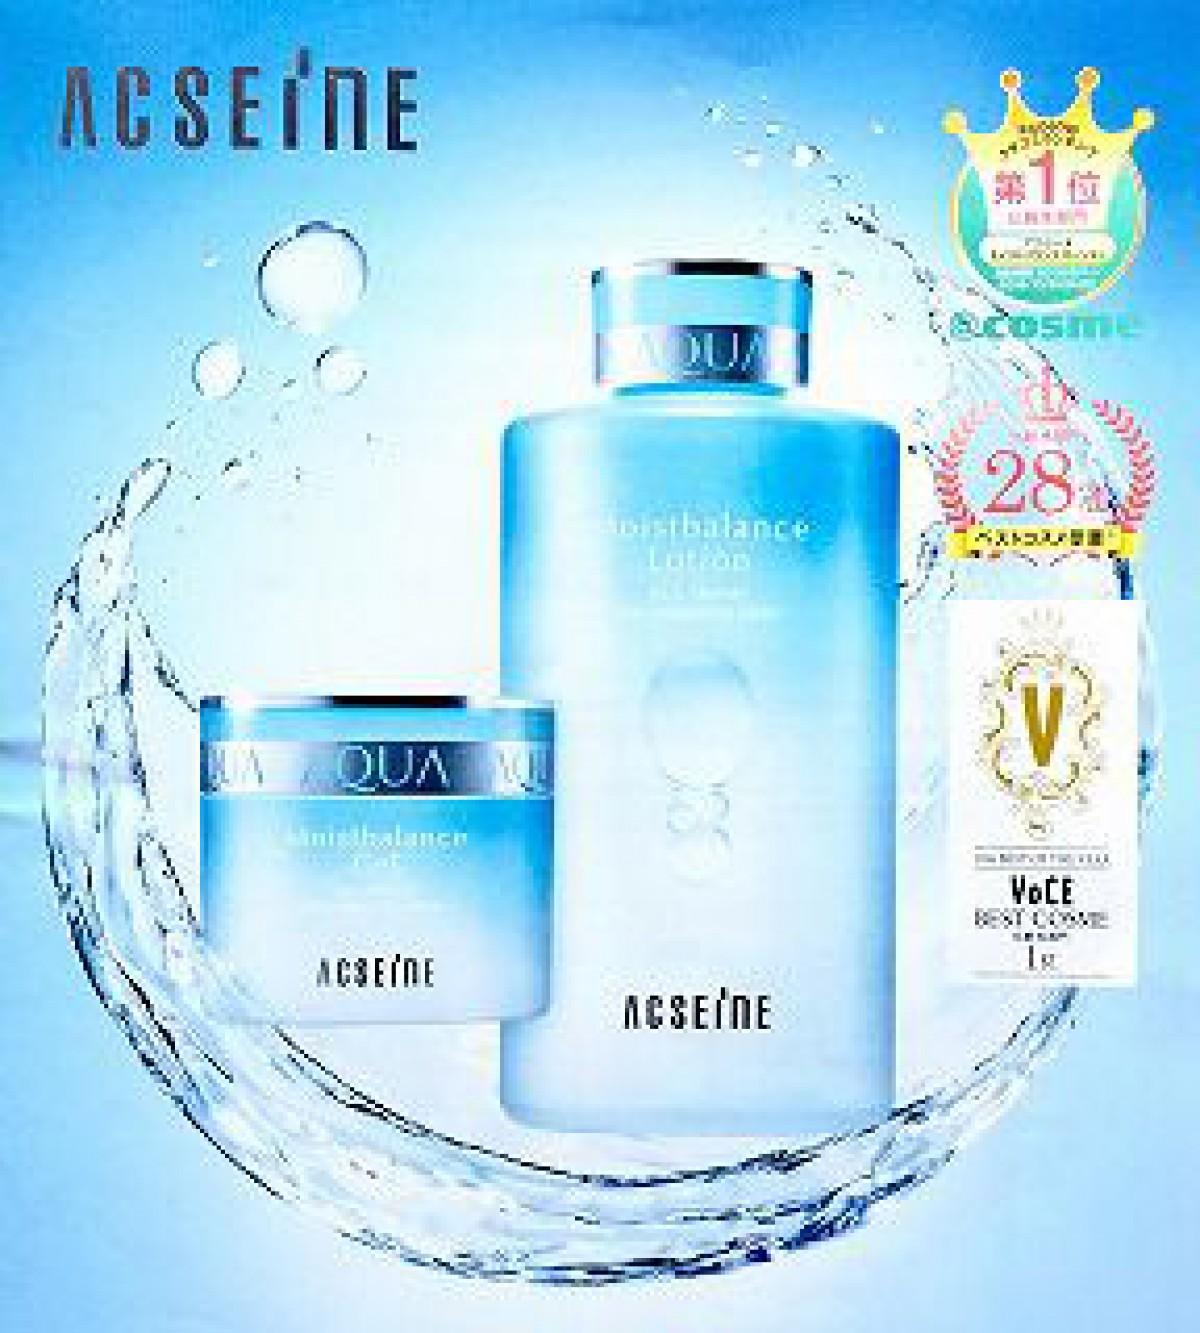 アクセーヌ モイストバランスジェル(保湿液)の成分。肌に合うスキンケア化粧品で美しく